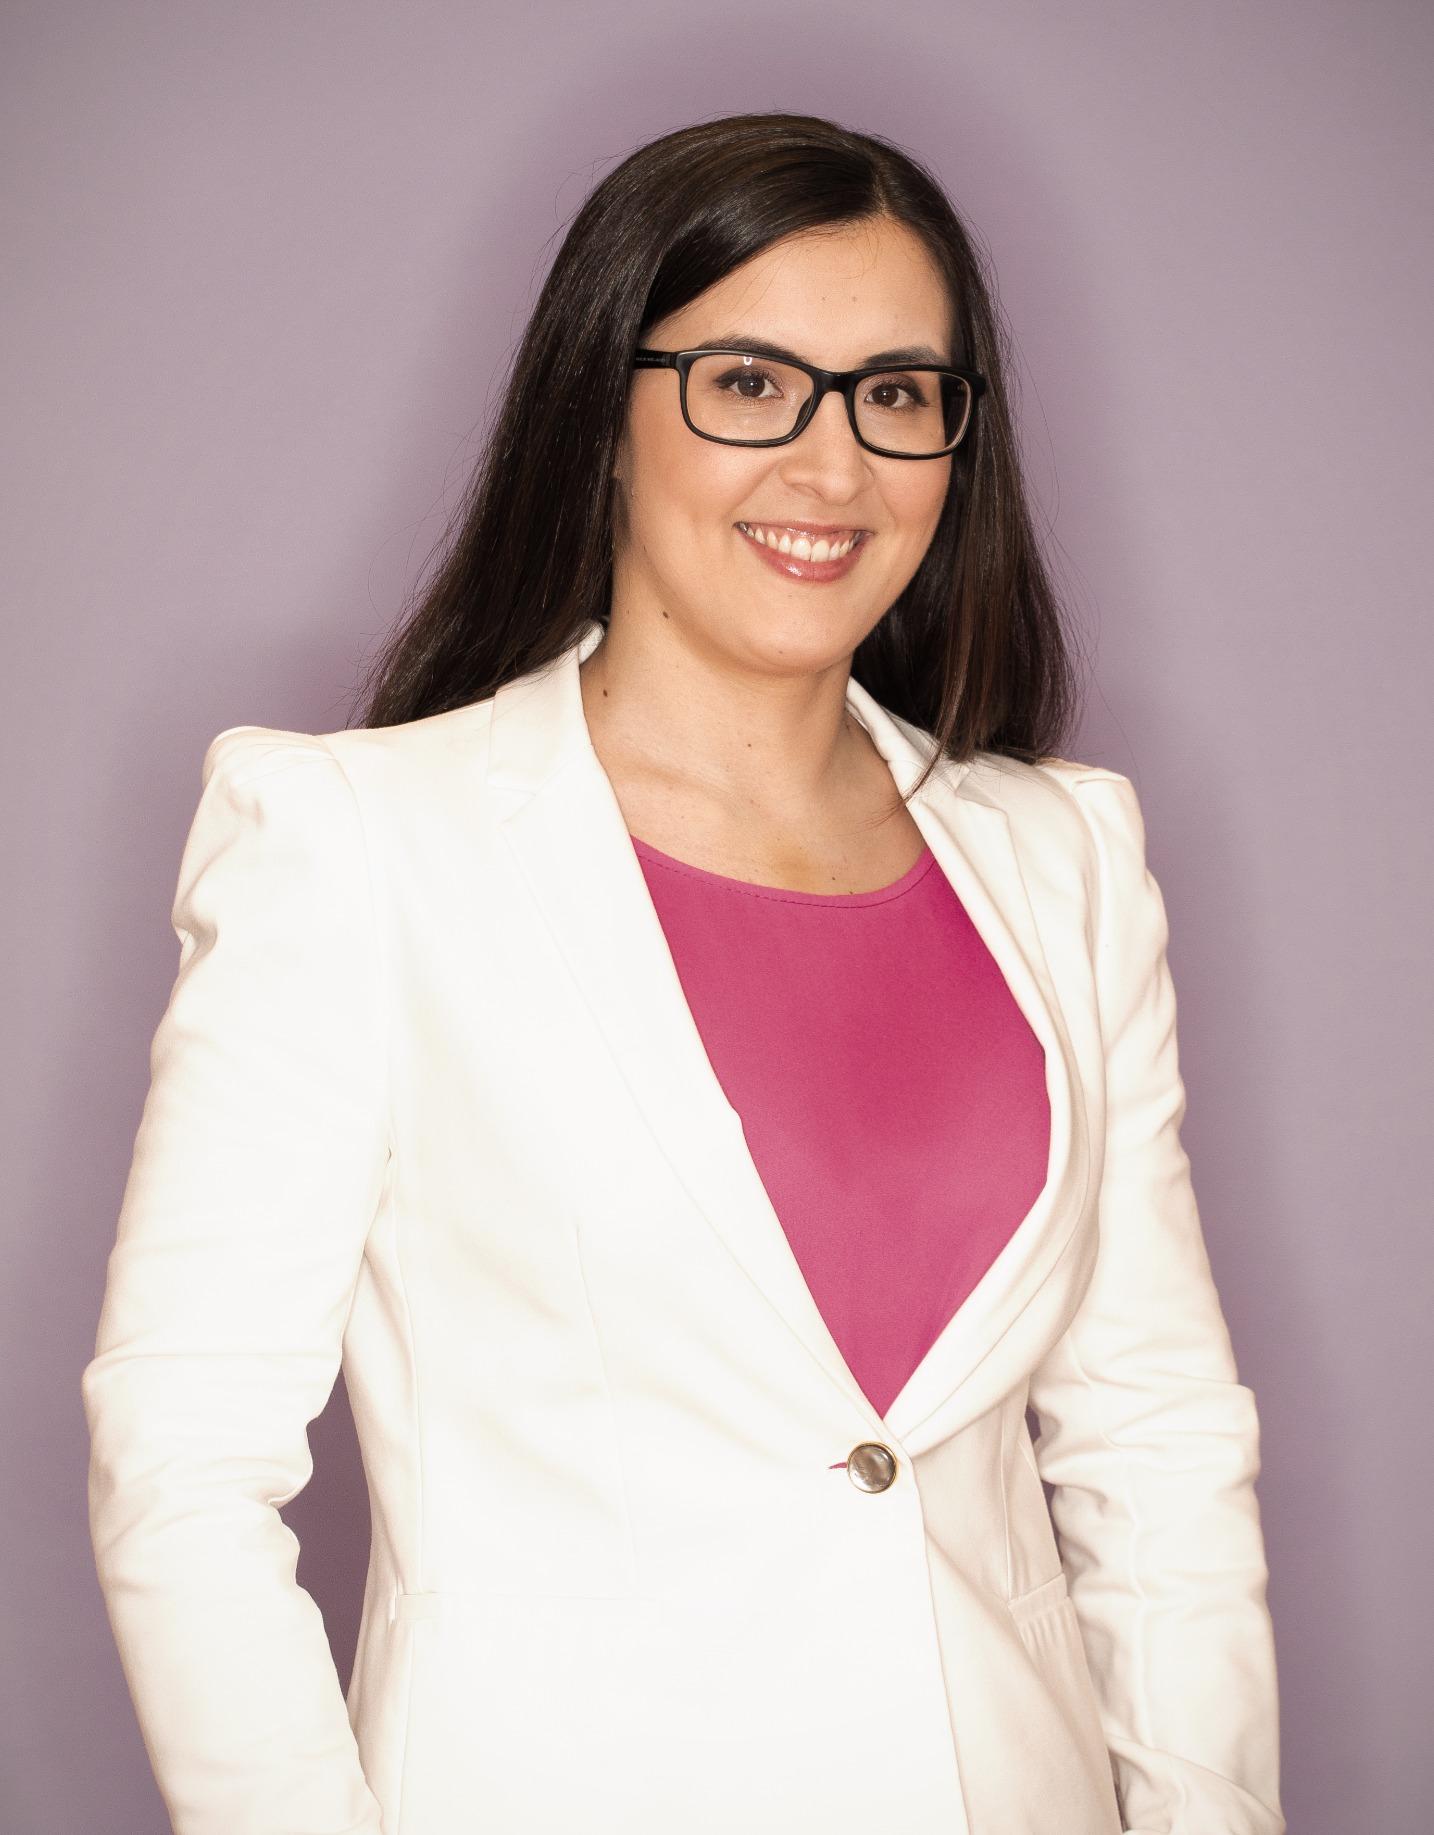 Susana A. Duarte